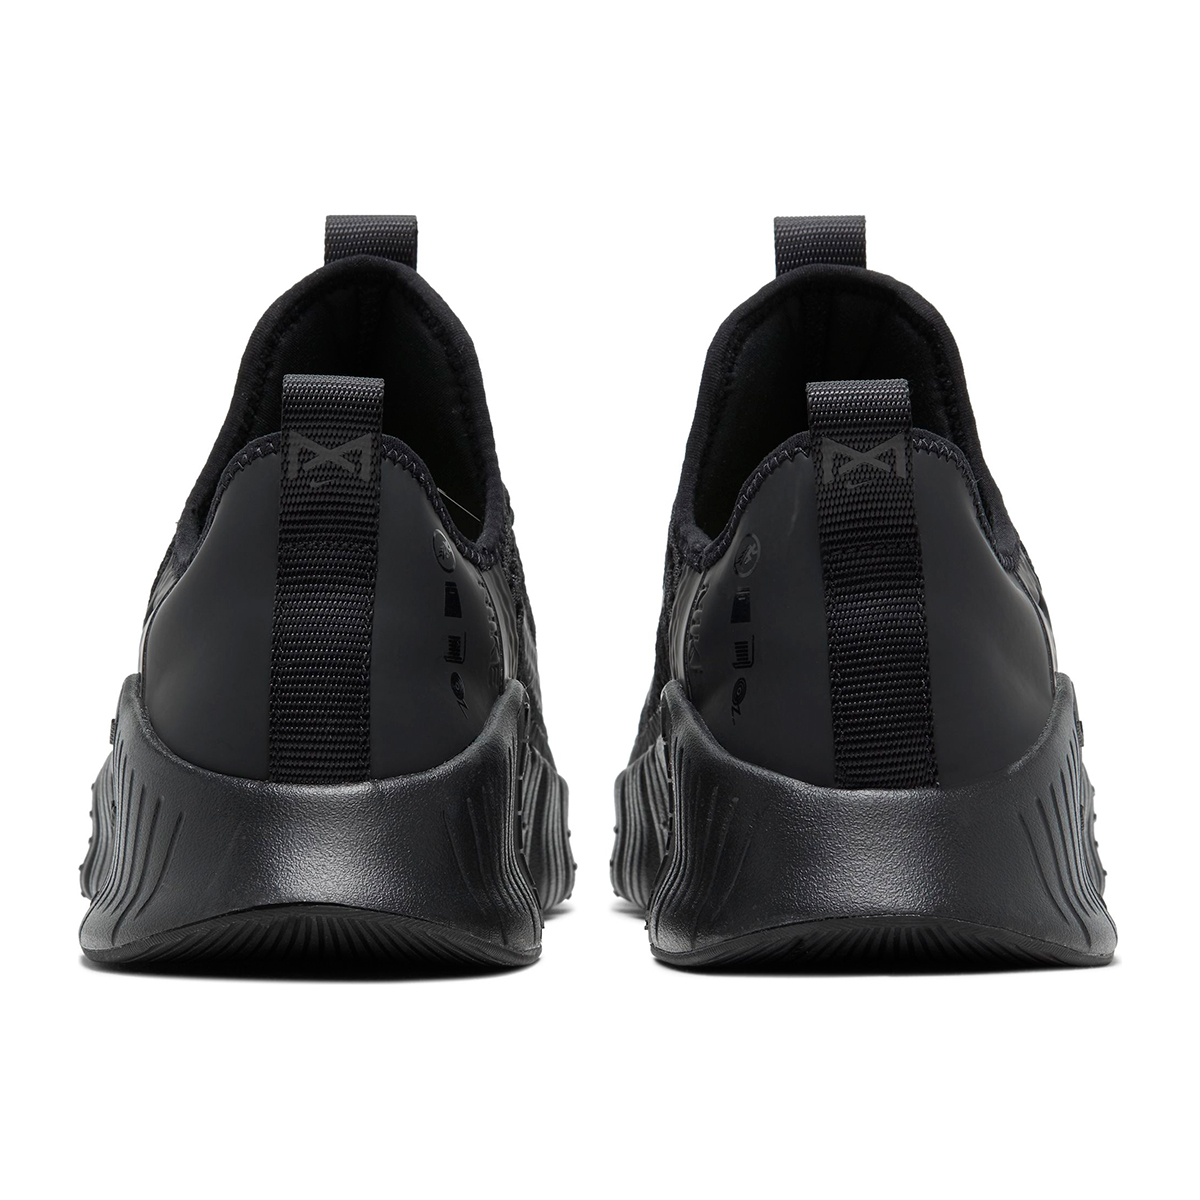 Nike Free Metcon 3 Training Shoes - Color: Black/Black/Volt/Anthracite - Size: 5 - Width: Regular, Black/Volt/Anthracite, large, image 5